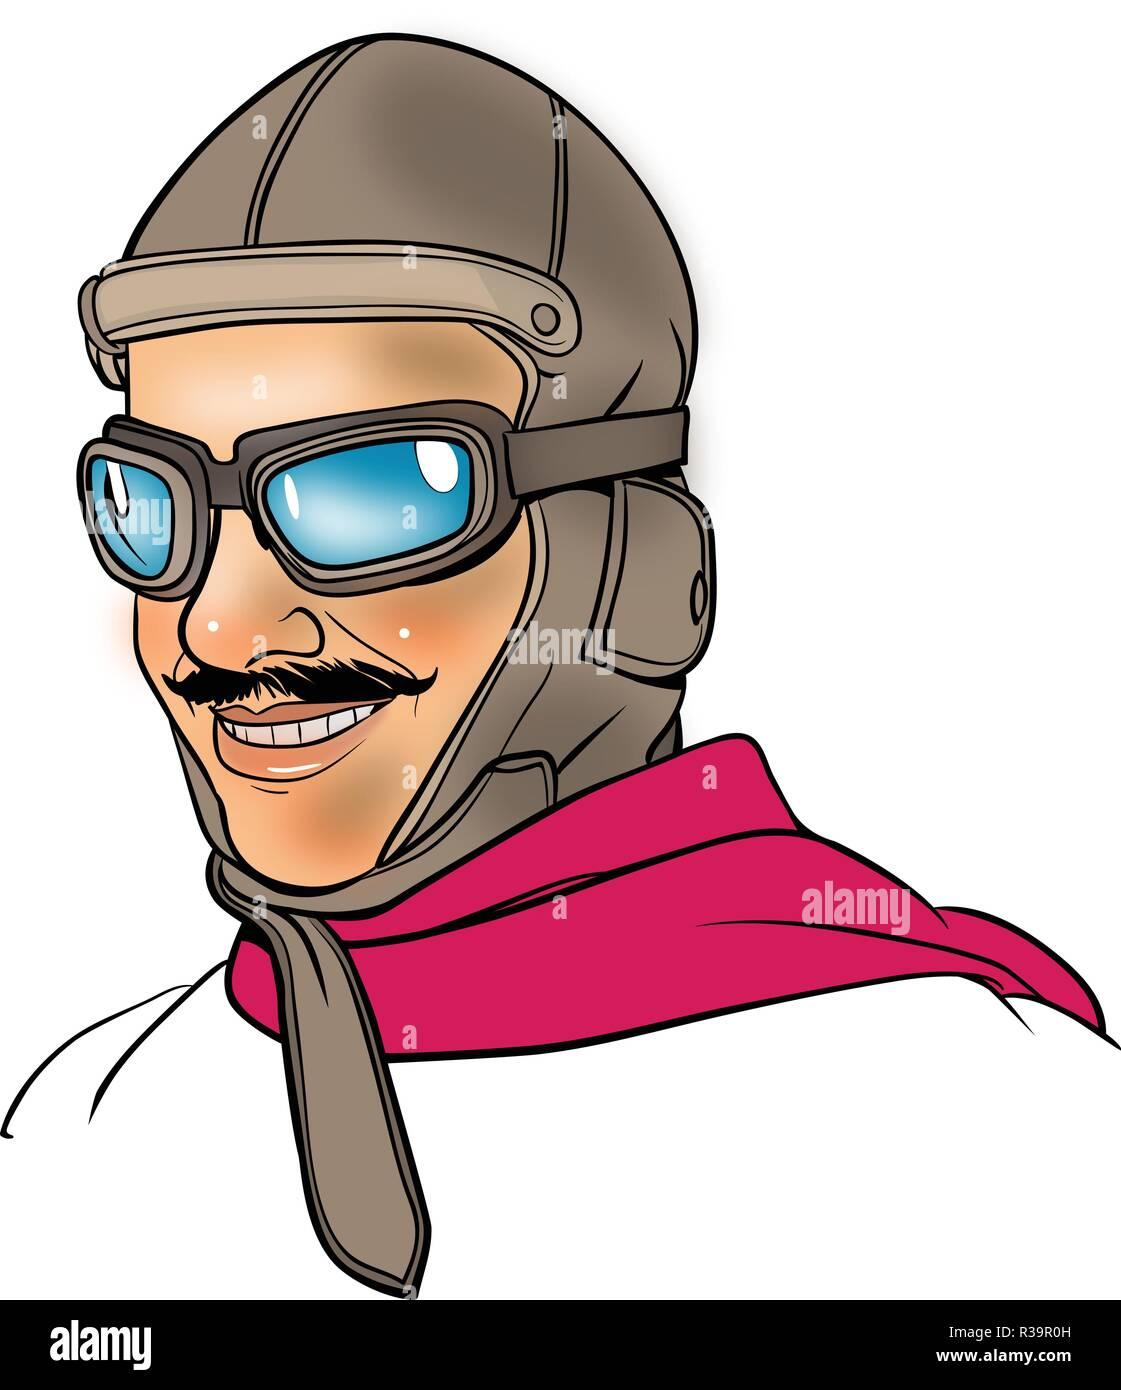 1930's pilot portrait in line art illustration. - Stock Vector